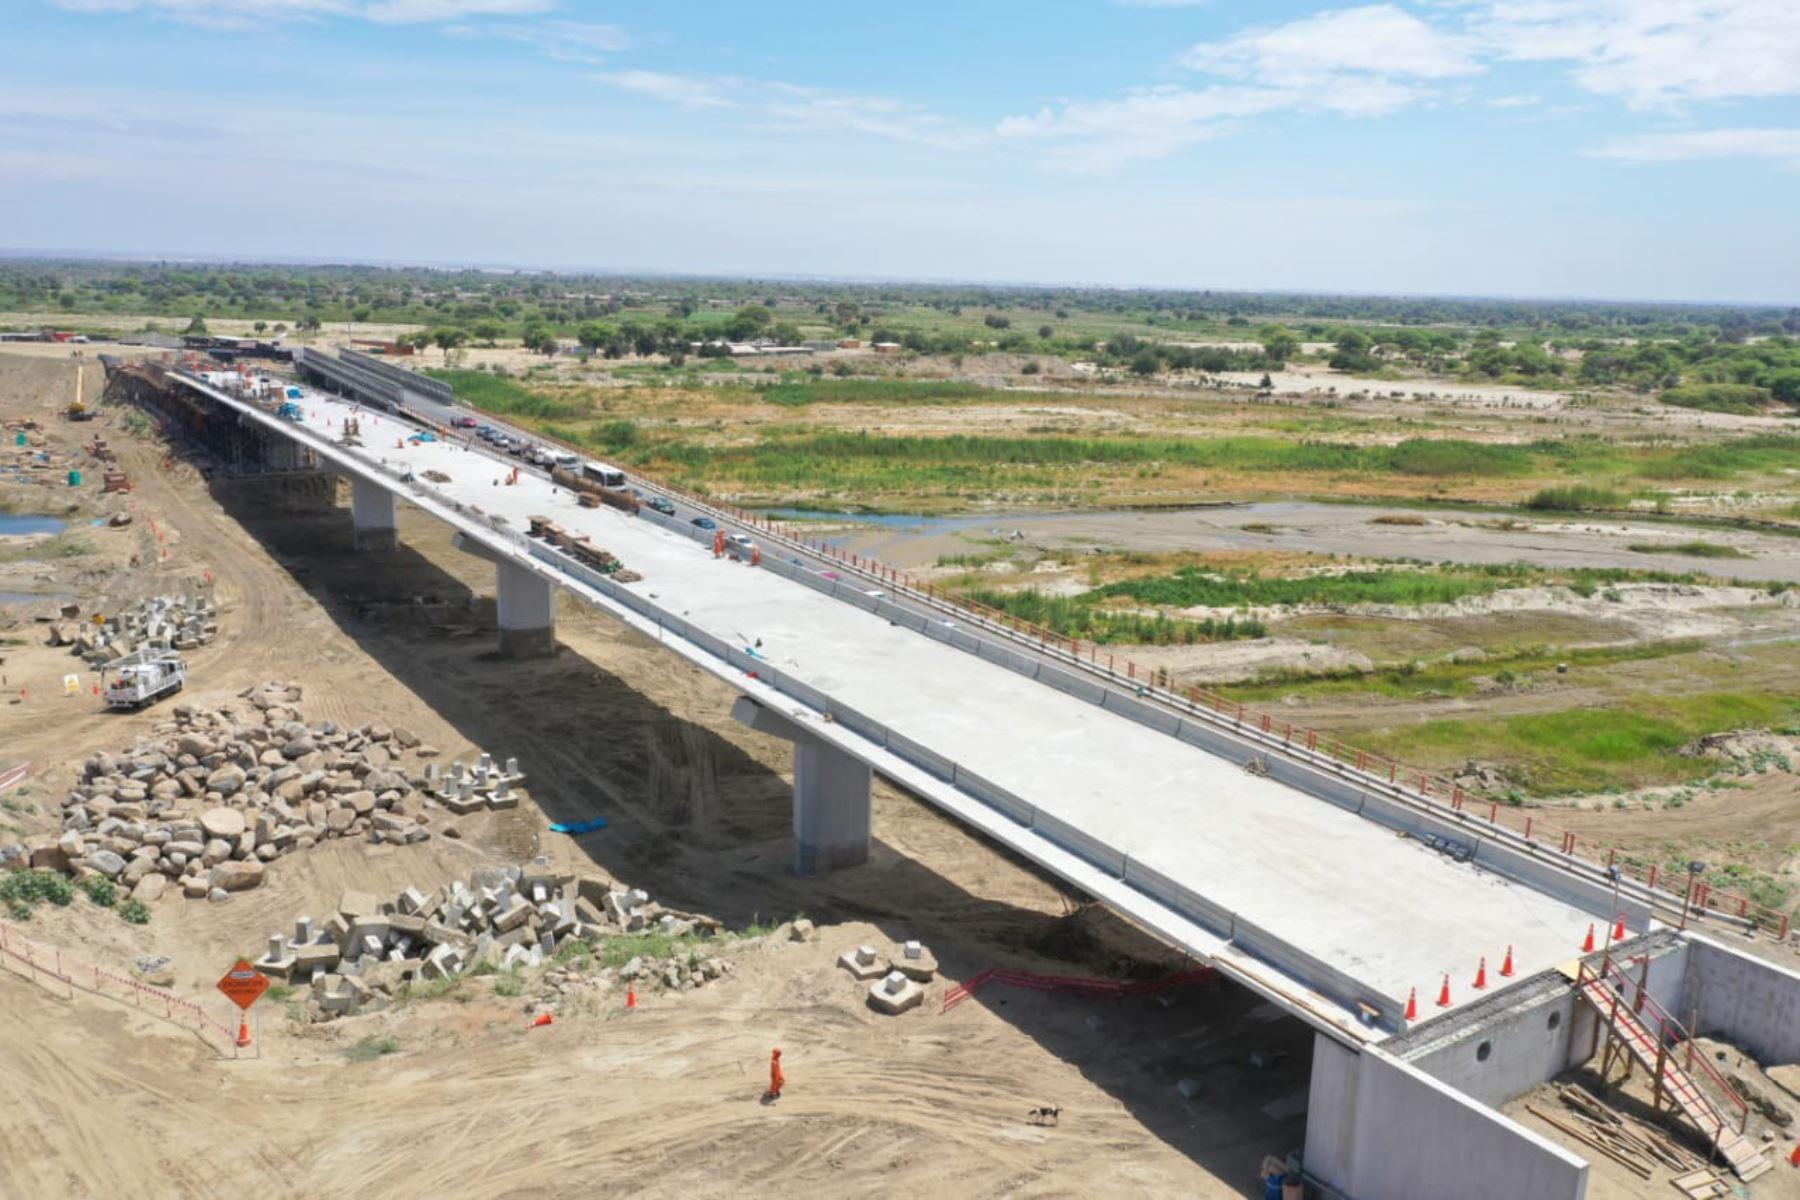 En abril de 2020 estarán concluidos cuatro puentes de la región Piura, anuncia el Ministerio de Transportes y Comunicaciones. ANDINA/Difusión